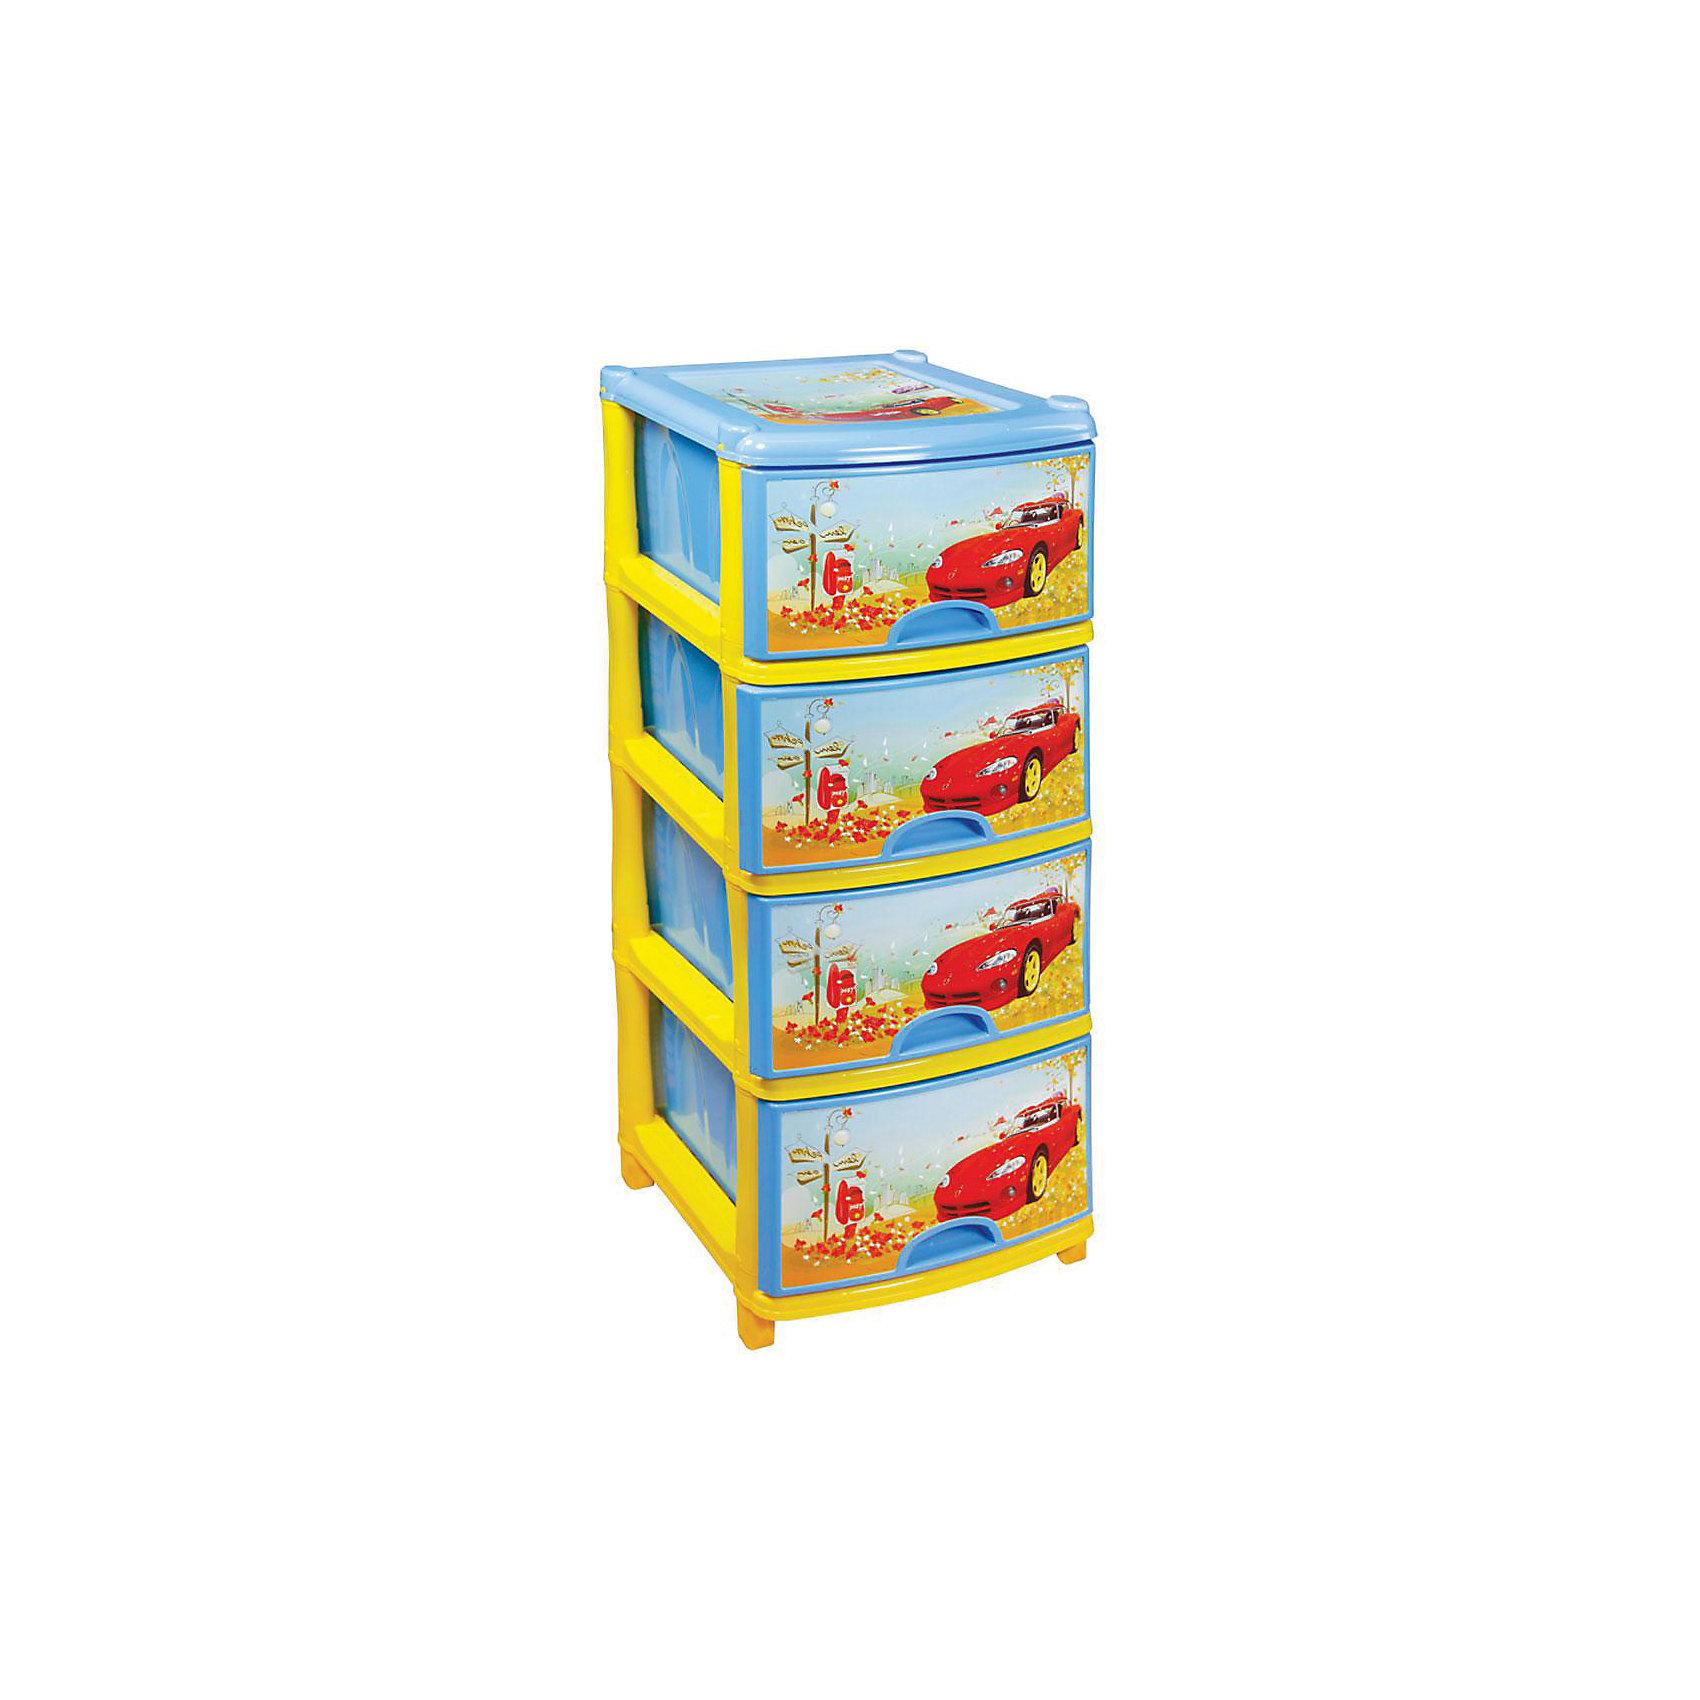 Комод 4-х секционный, Alternativa, синийМебель<br>Характеристики:<br><br>• Предназначение: для детской комнаты<br>• Пол: для мальчика<br>• Материал: пластик<br>• Цвет: голубой, красный, желтый<br>• Размер (Д*Ш*В):  48*98*38 см<br>• Вес: 5 кг 300 г<br>• Количество секций: 4 шт.<br>• Тип ящиков: выдвижные, с ручками<br>• В комплекте имеется инструкция по сборке<br>• Форма: прямоугольный<br>• Особенности ухода: разрешается мыть теплой водой<br><br>Комод 4-х секционный, Alternativa, синий изготовлен отечественным производителем ООО ЗПИ Альтернатива, который специализируется на выпуске широкого спектра изделий и предметов мебели из пластика. Комод выполнен из экологически безопасного материала, устойчивого к механическим повреждениям. Имеет компактный размер и повышенную вместимость за счет глубоких ящиков. Каркас комода устойчивый, ножки оснащены маленькими колесиками для удобства передвижения. Комод 4-х секционный, Alternativa, синий станет не только полезным для хранения различных принадлежностей, но и ярким предметом интерьера. <br><br>Комод 4-х секционный, Alternativa, синий можно купить в нашем интернет-магазине.<br><br>Ширина мм: 480<br>Глубина мм: 380<br>Высота мм: 980<br>Вес г: 4408<br>Возраст от месяцев: -2147483648<br>Возраст до месяцев: 2147483647<br>Пол: Мужской<br>Возраст: Детский<br>SKU: 5096541